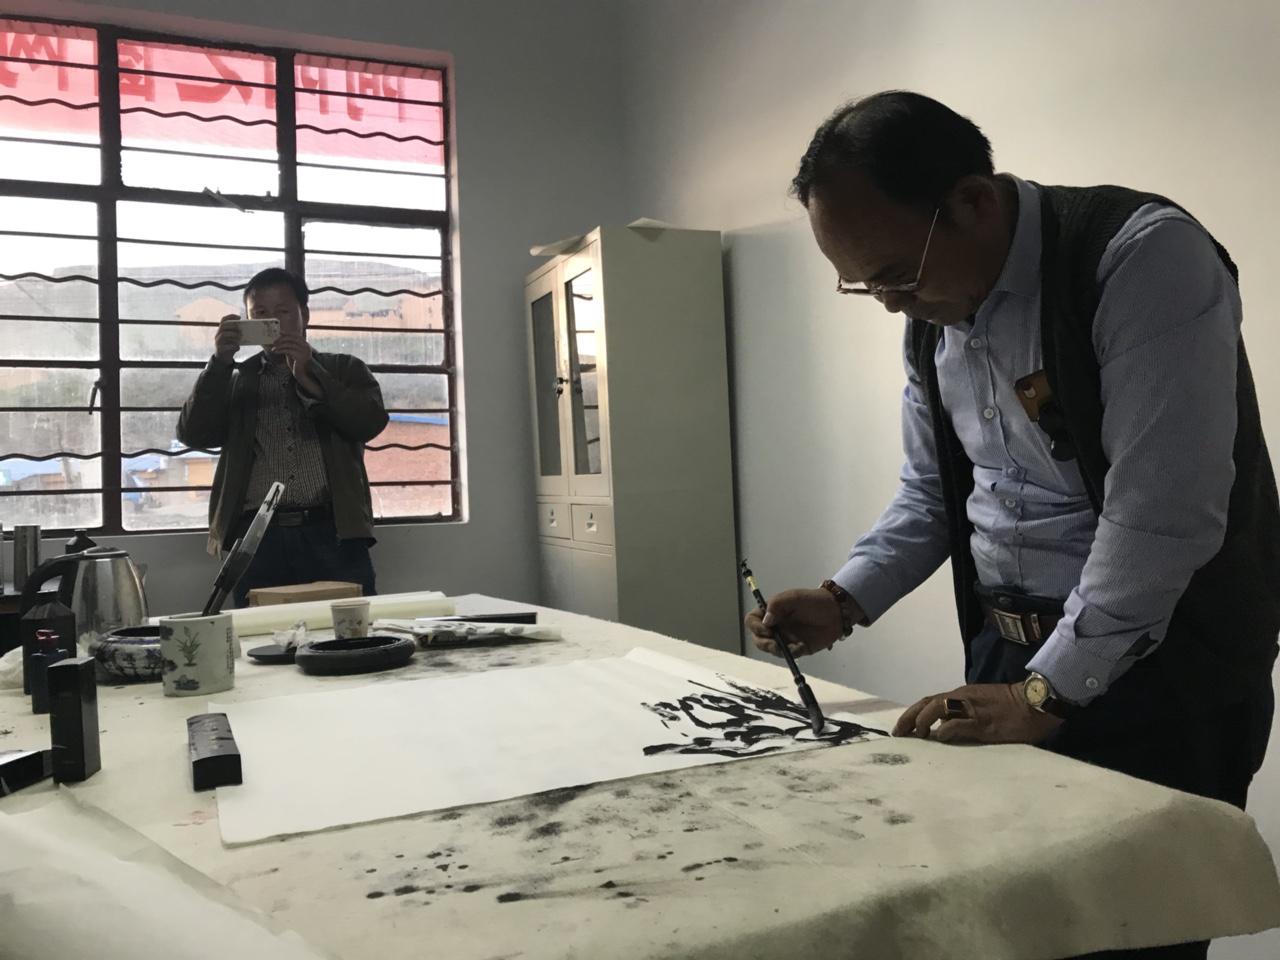 焦墨画家铁世义受邀在恭门文化站挥毫泼墨